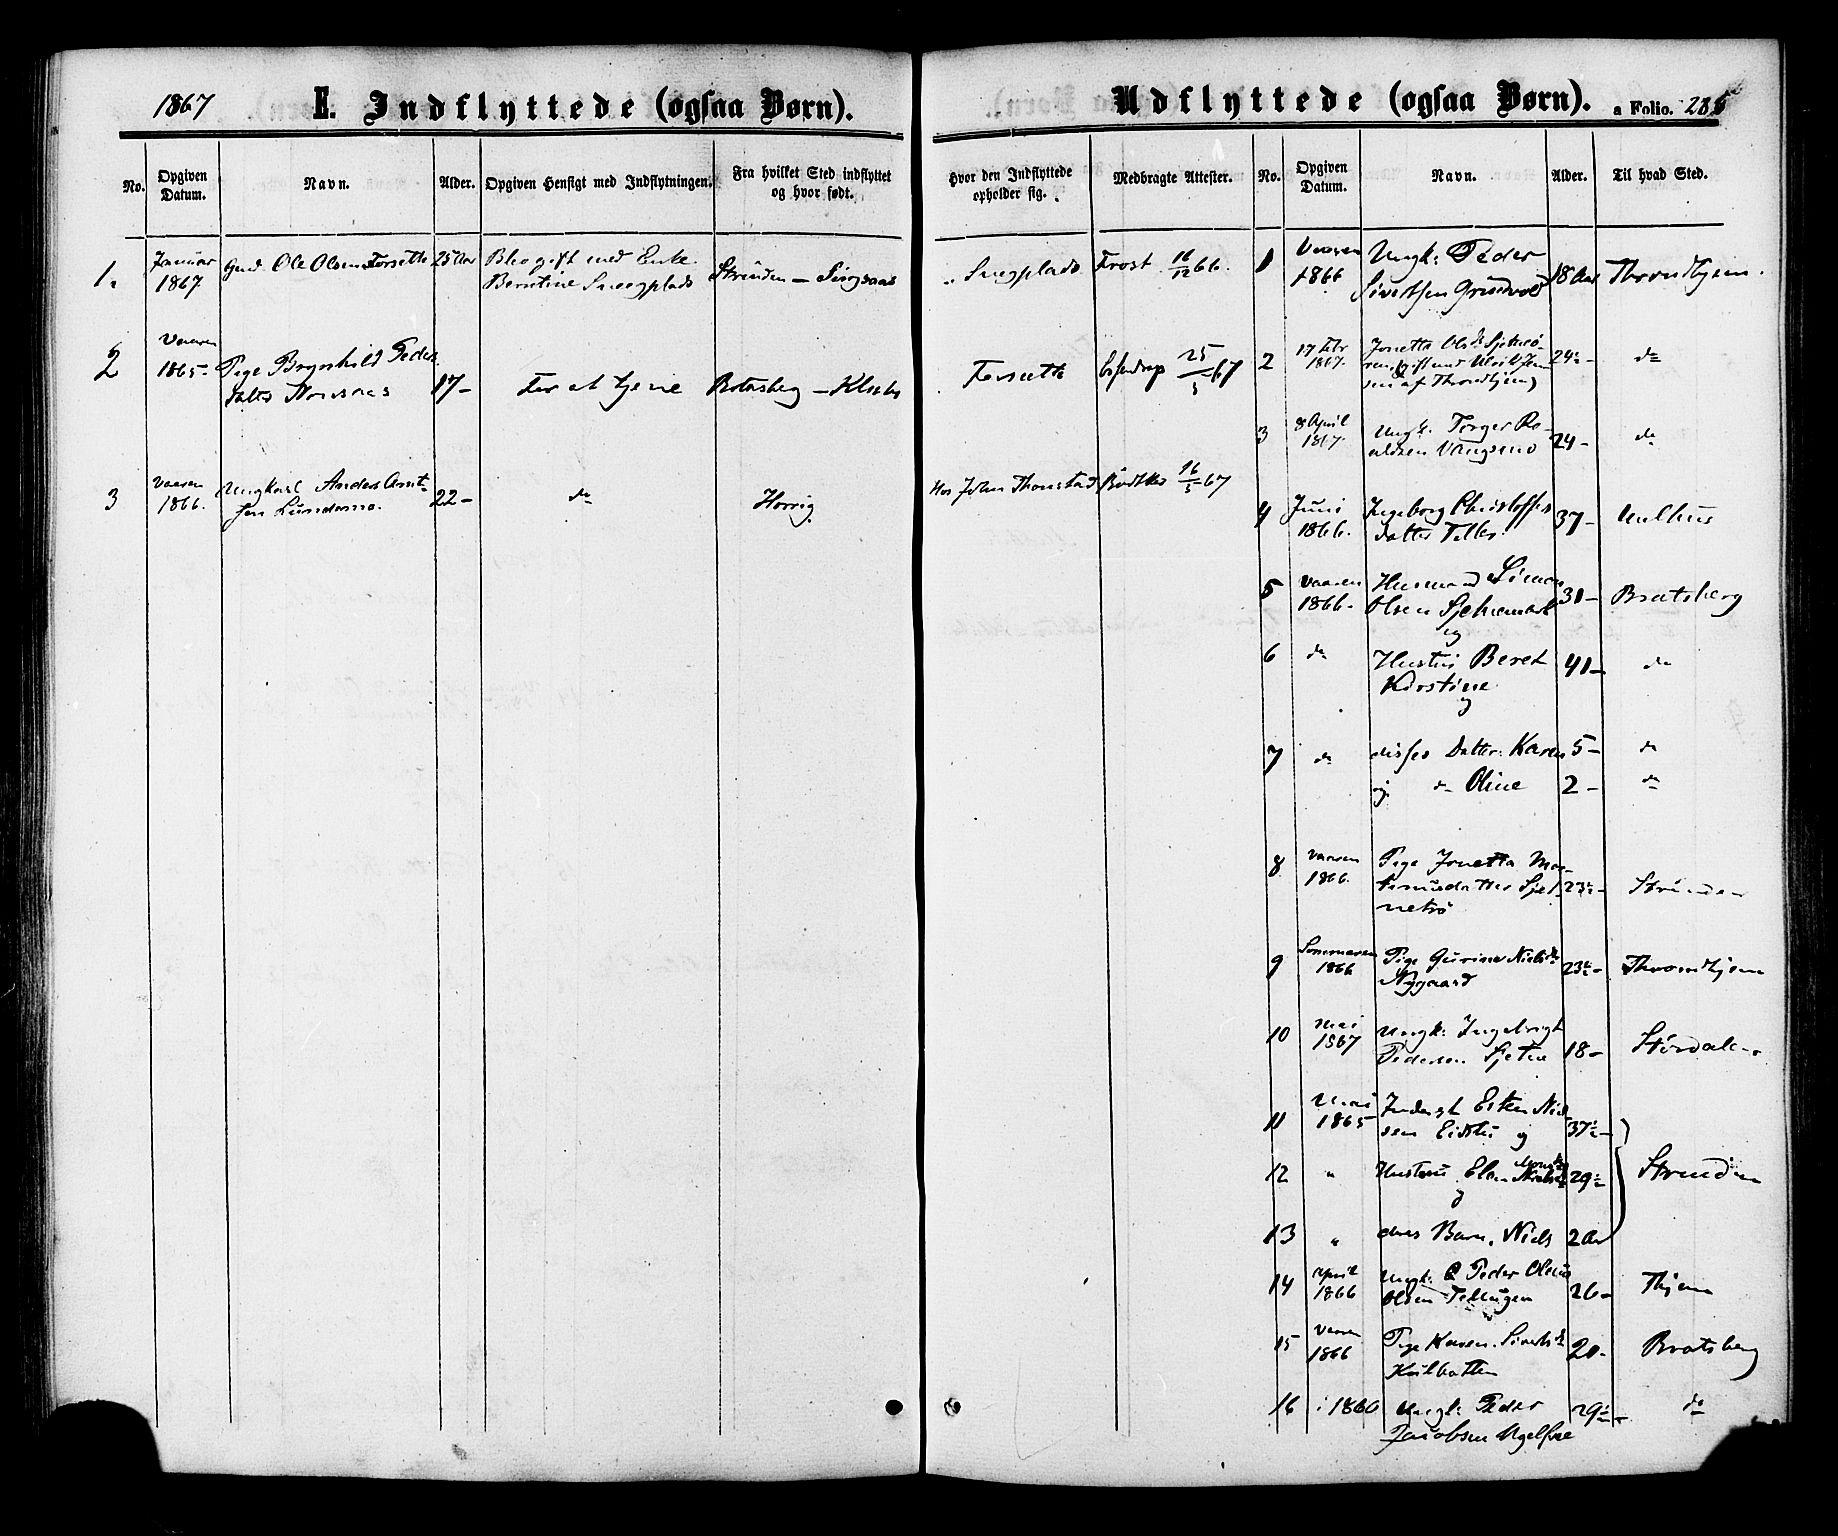 SAT, Ministerialprotokoller, klokkerbøker og fødselsregistre - Sør-Trøndelag, 618/L0442: Ministerialbok nr. 618A06 /1, 1863-1879, s. 286